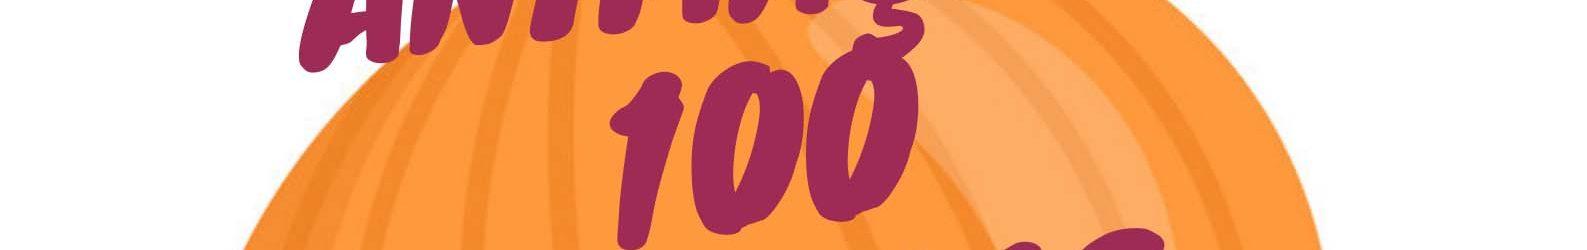 Animação 100 Cebolas